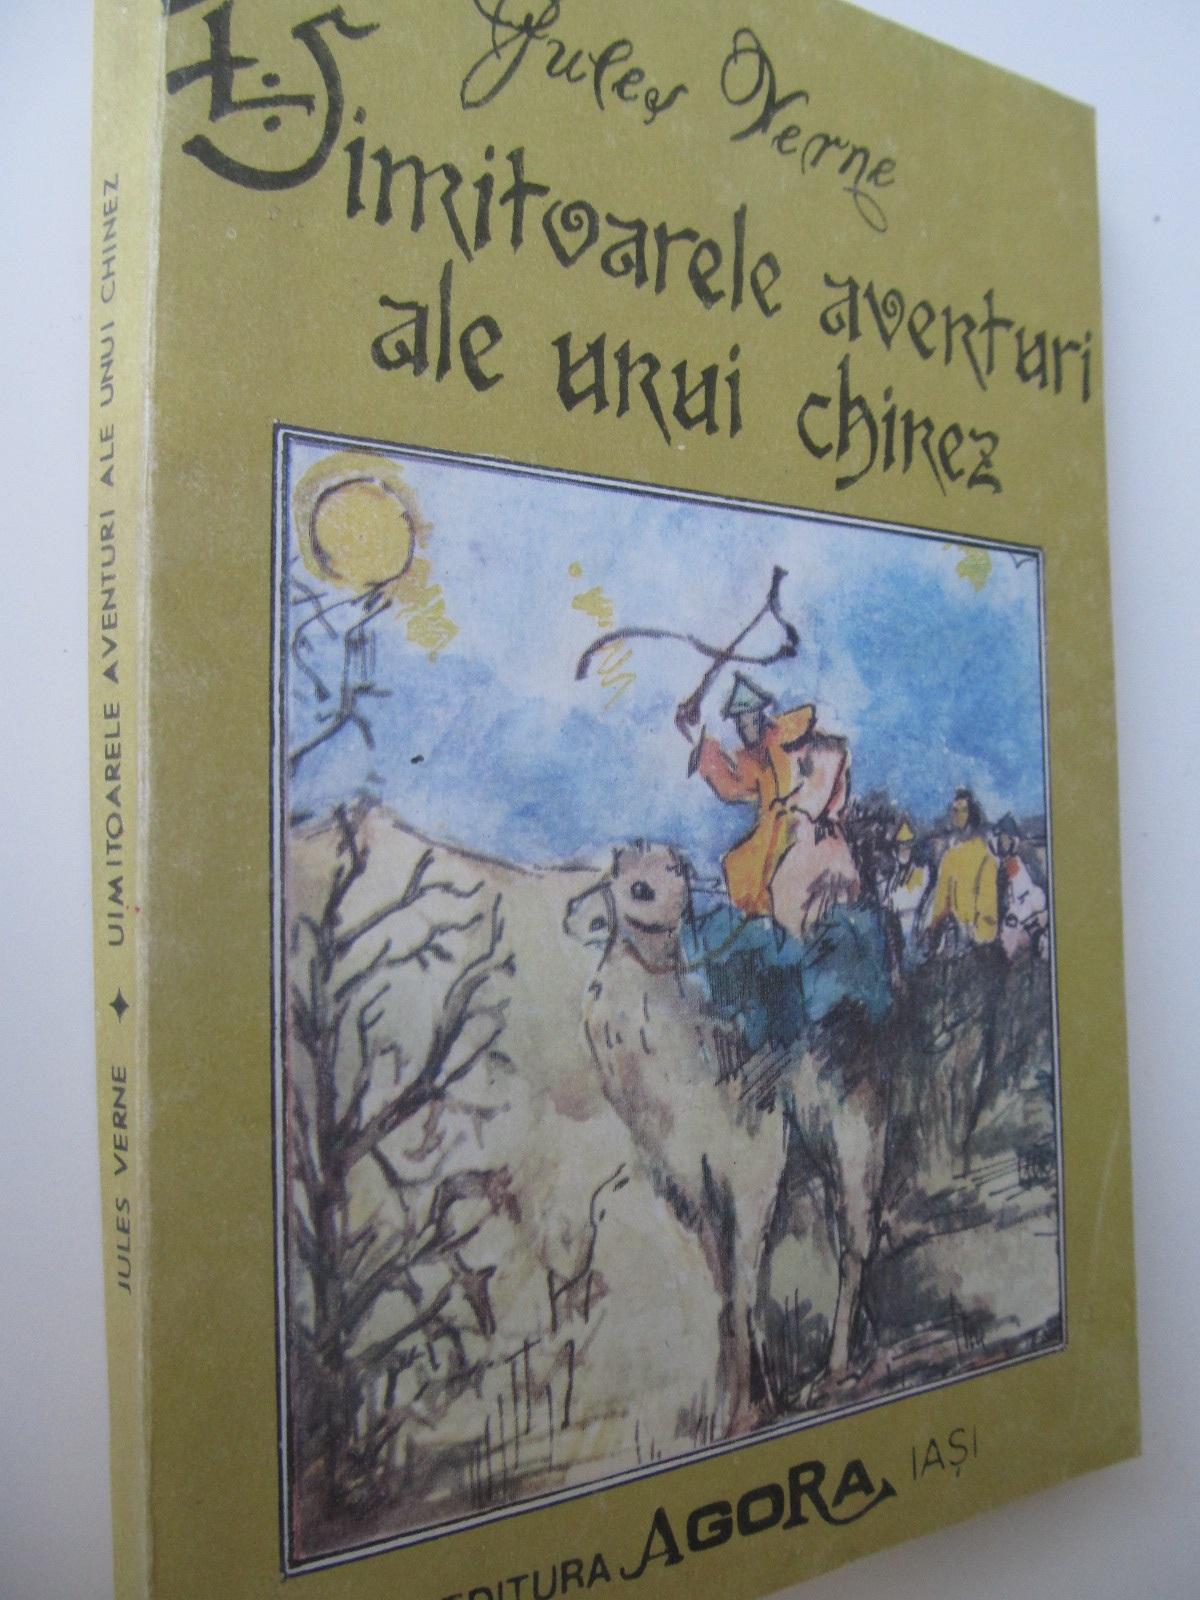 Uimitoarele aventuri ale unui chinez - Jules Verne | Detalii carte